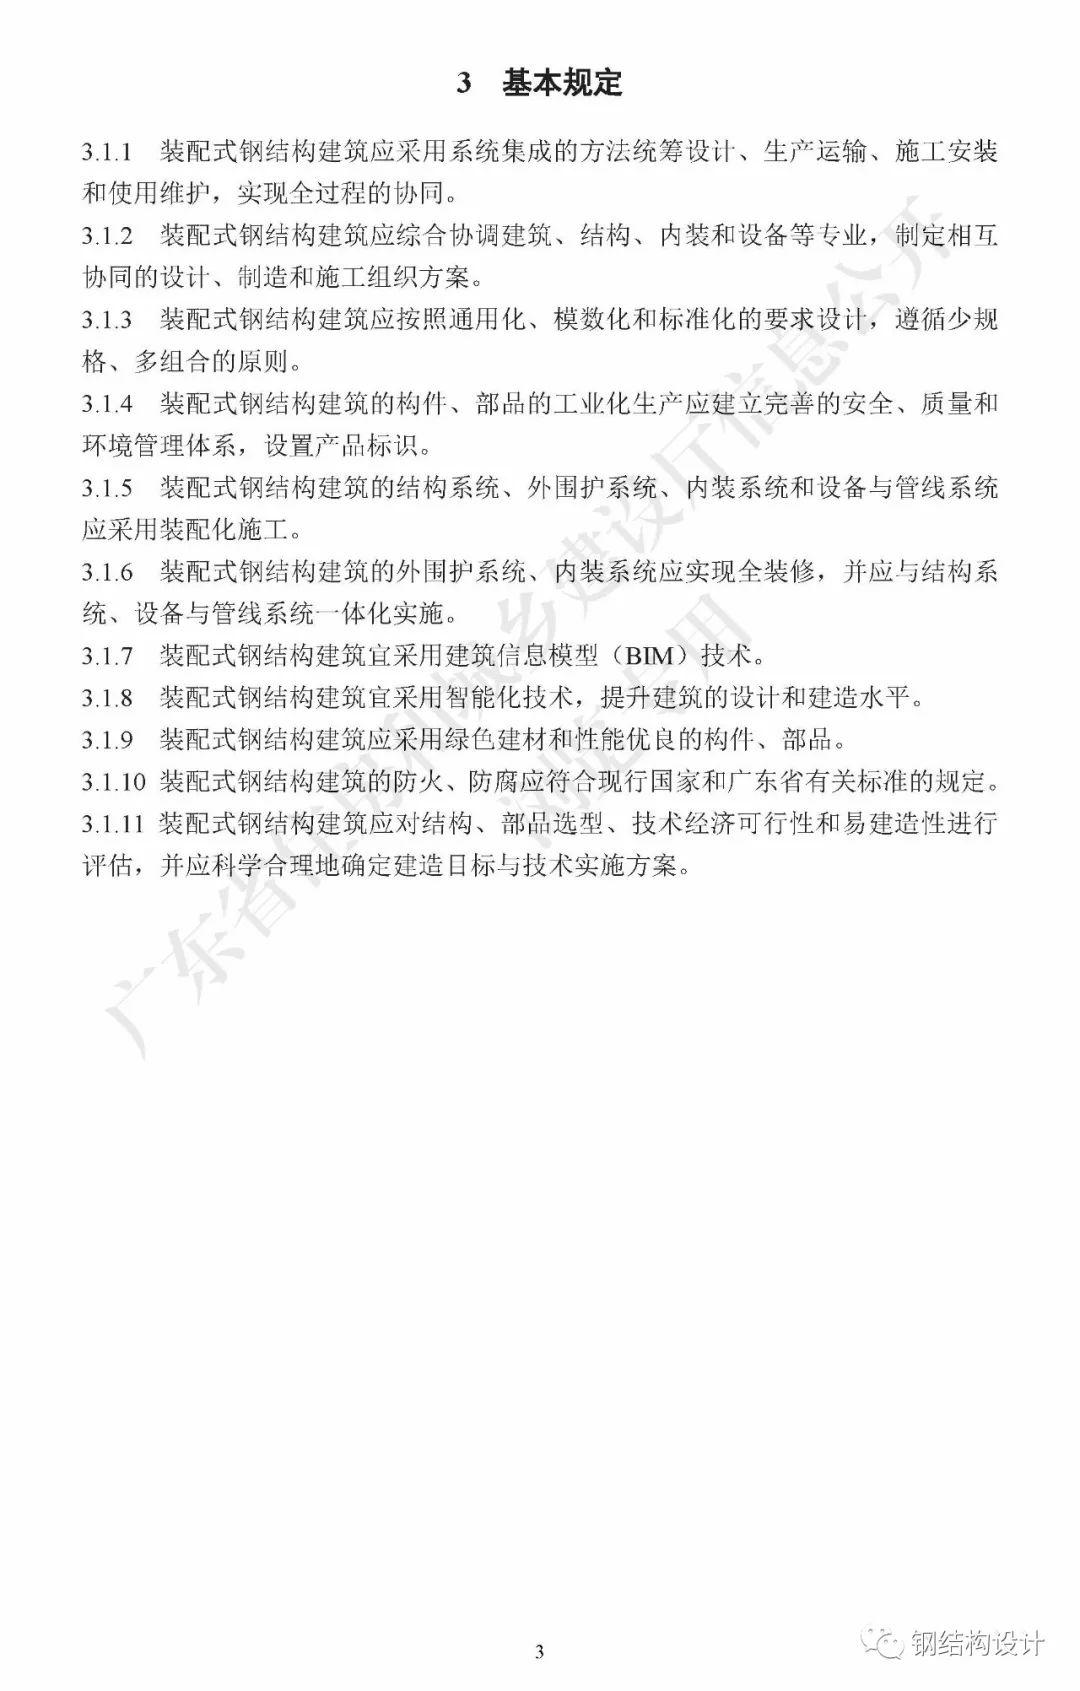 广东省《装配式钢结构建筑技术规程》发布_13